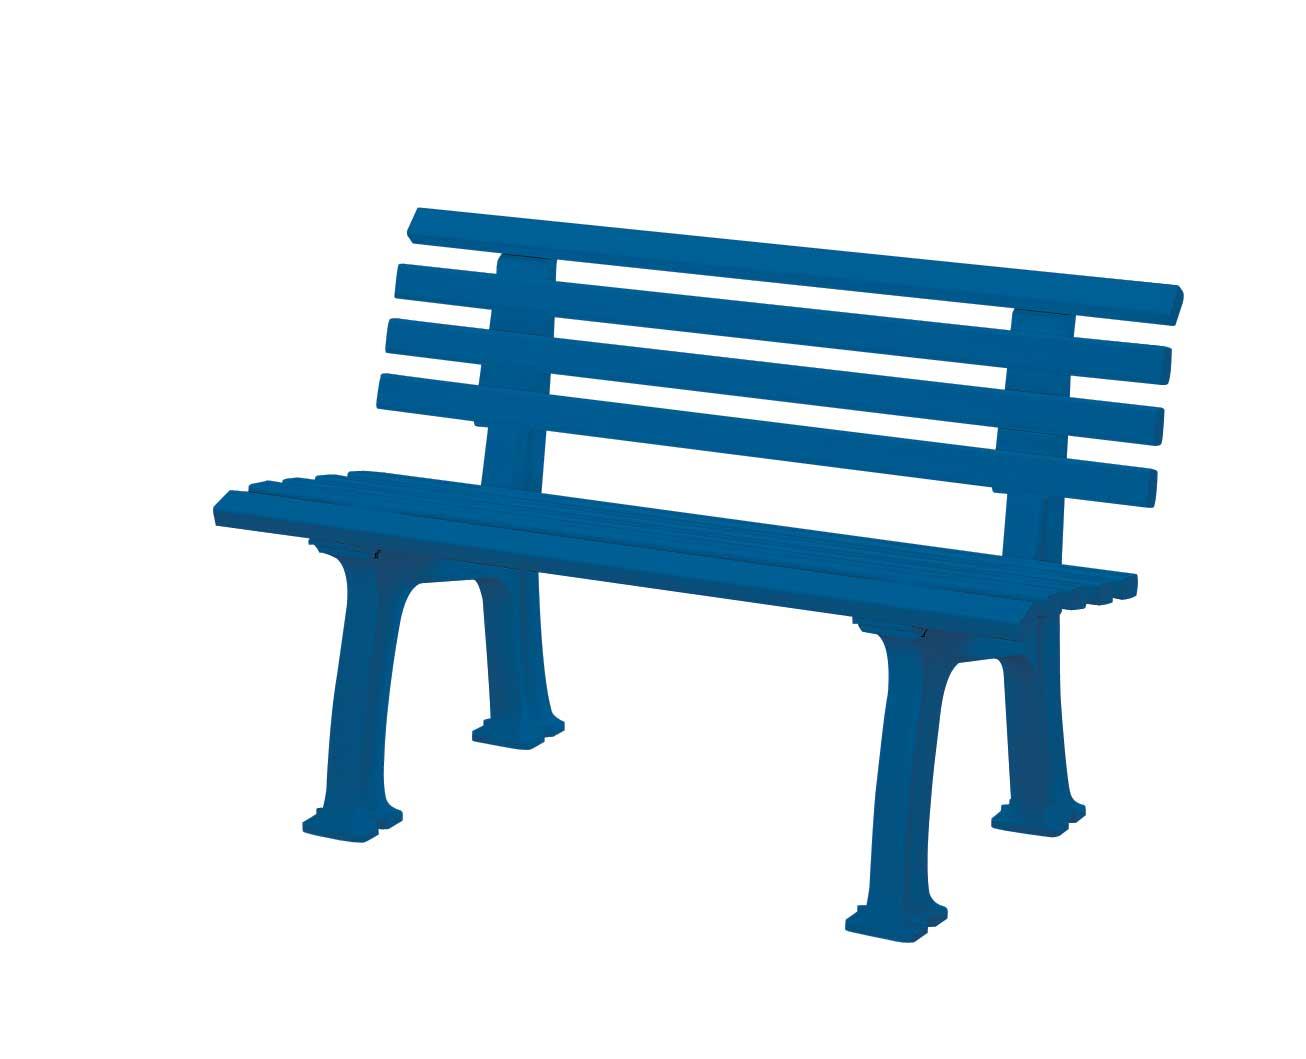 Gartenbank Metall Blau Ibiza Von Blome 2 Sitzer